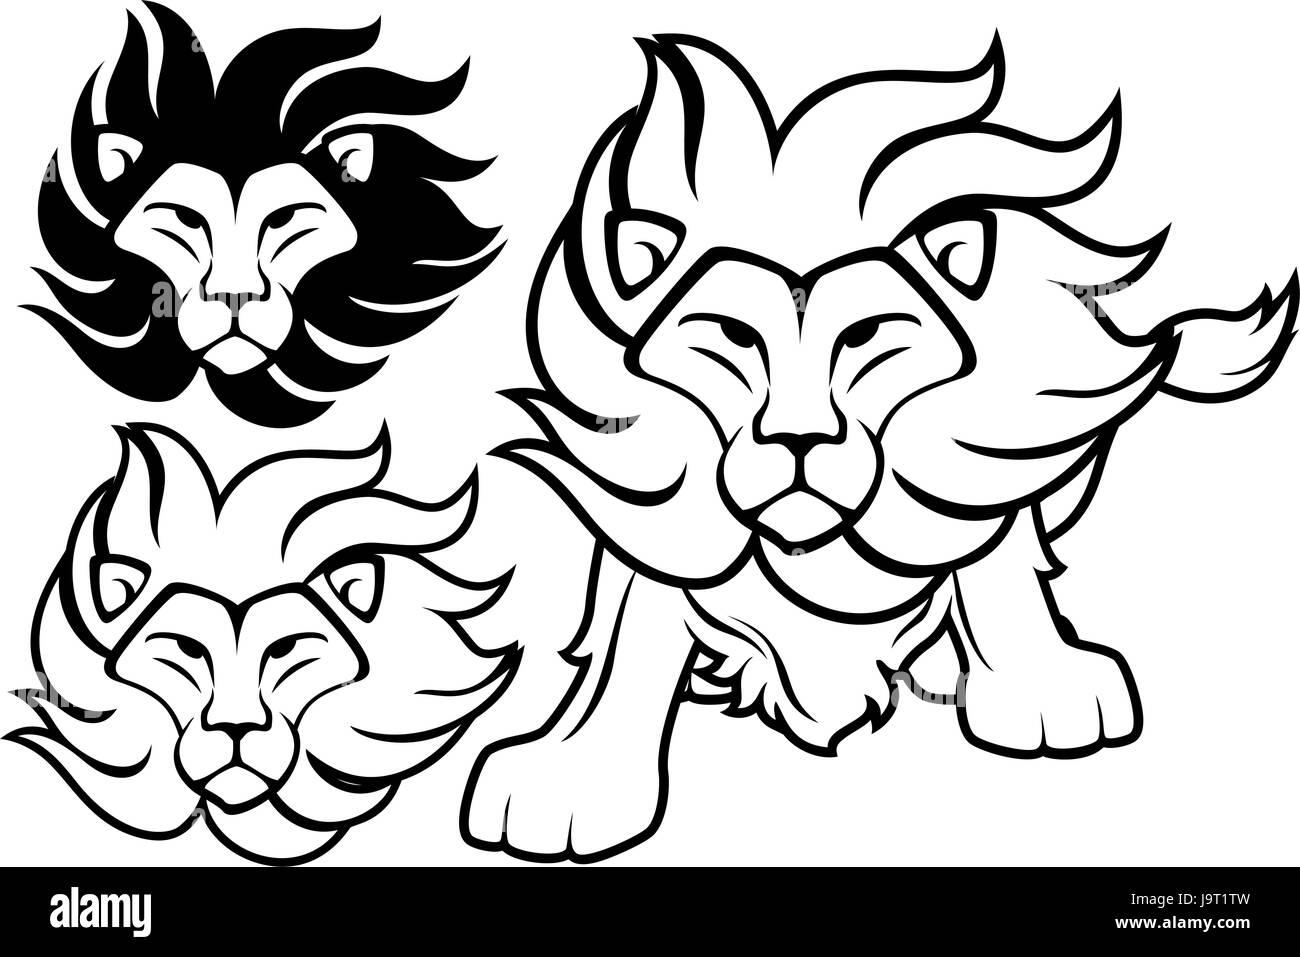 Vue De Face De La Tête De Lion Et Dessins Isolé Sur Fond